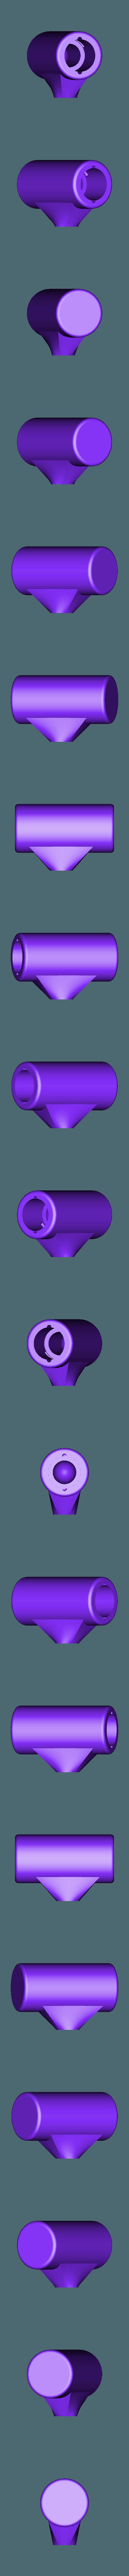 Bullet_puller_head.stl Download free STL file Bullet puller • 3D printable design, LionFox